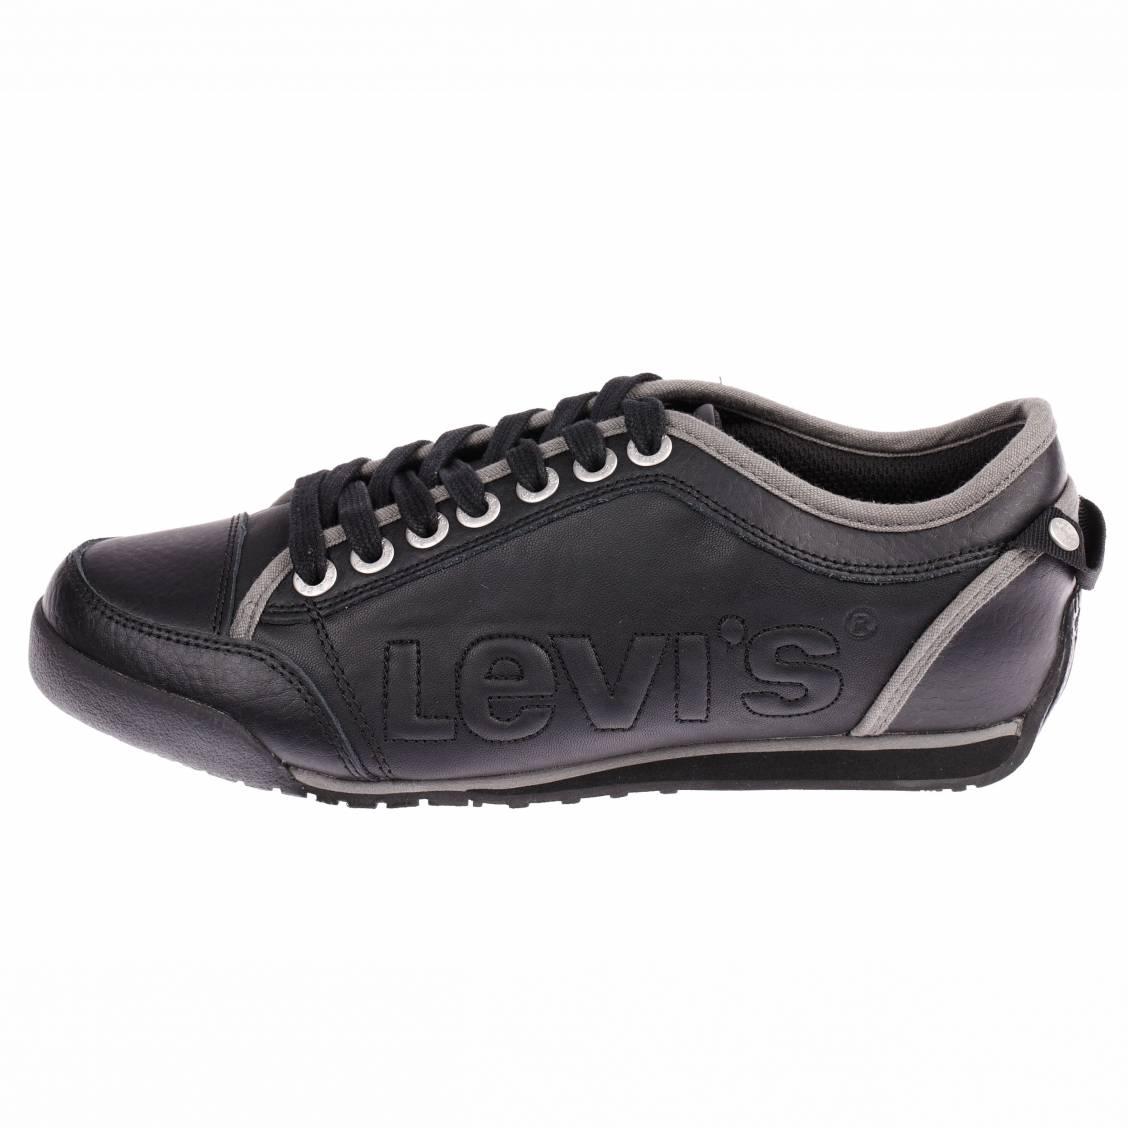 chaussures homme levi s en cuir noir estampillees. Black Bedroom Furniture Sets. Home Design Ideas